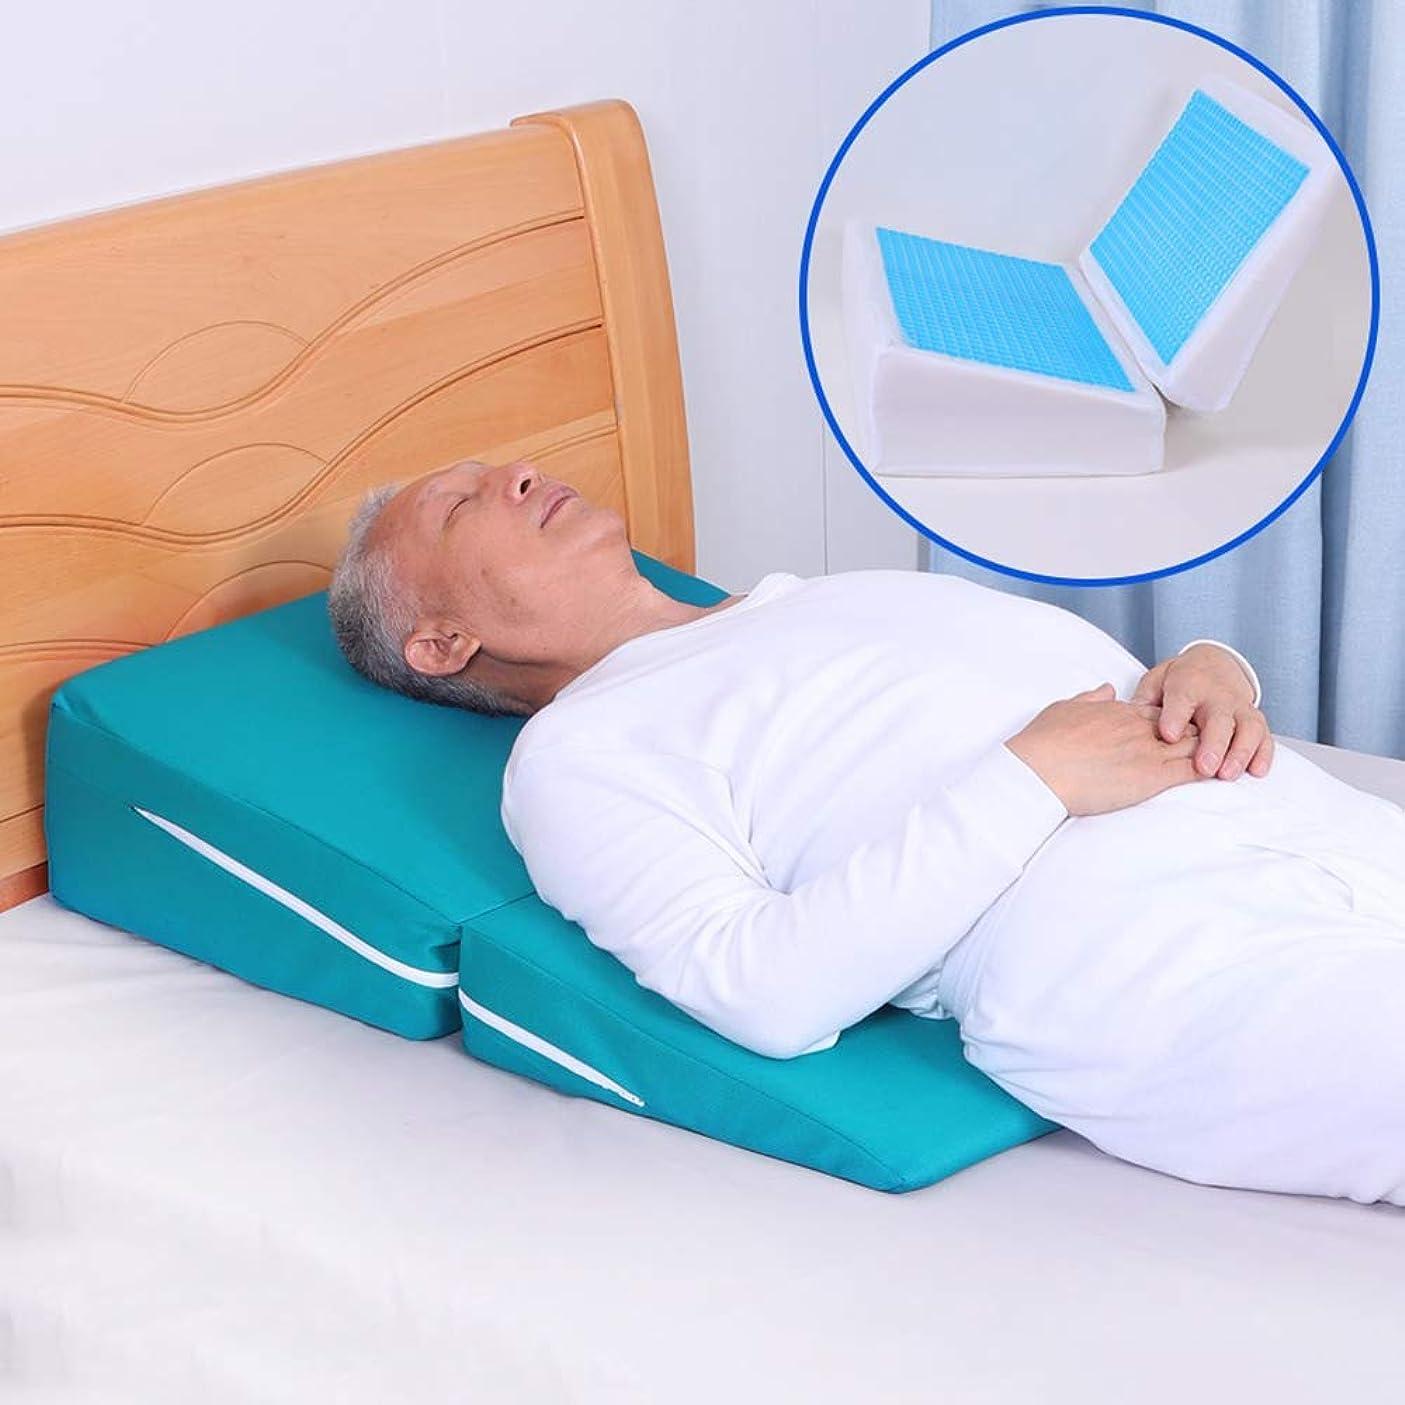 緊急パラダイス染色いびき防止、ハートバーン、読書、腰痛、腰痛のための折りたたみ式メモリフォームベッドウェッジピロー-取り外し可能なカバー付きインクラインクッション